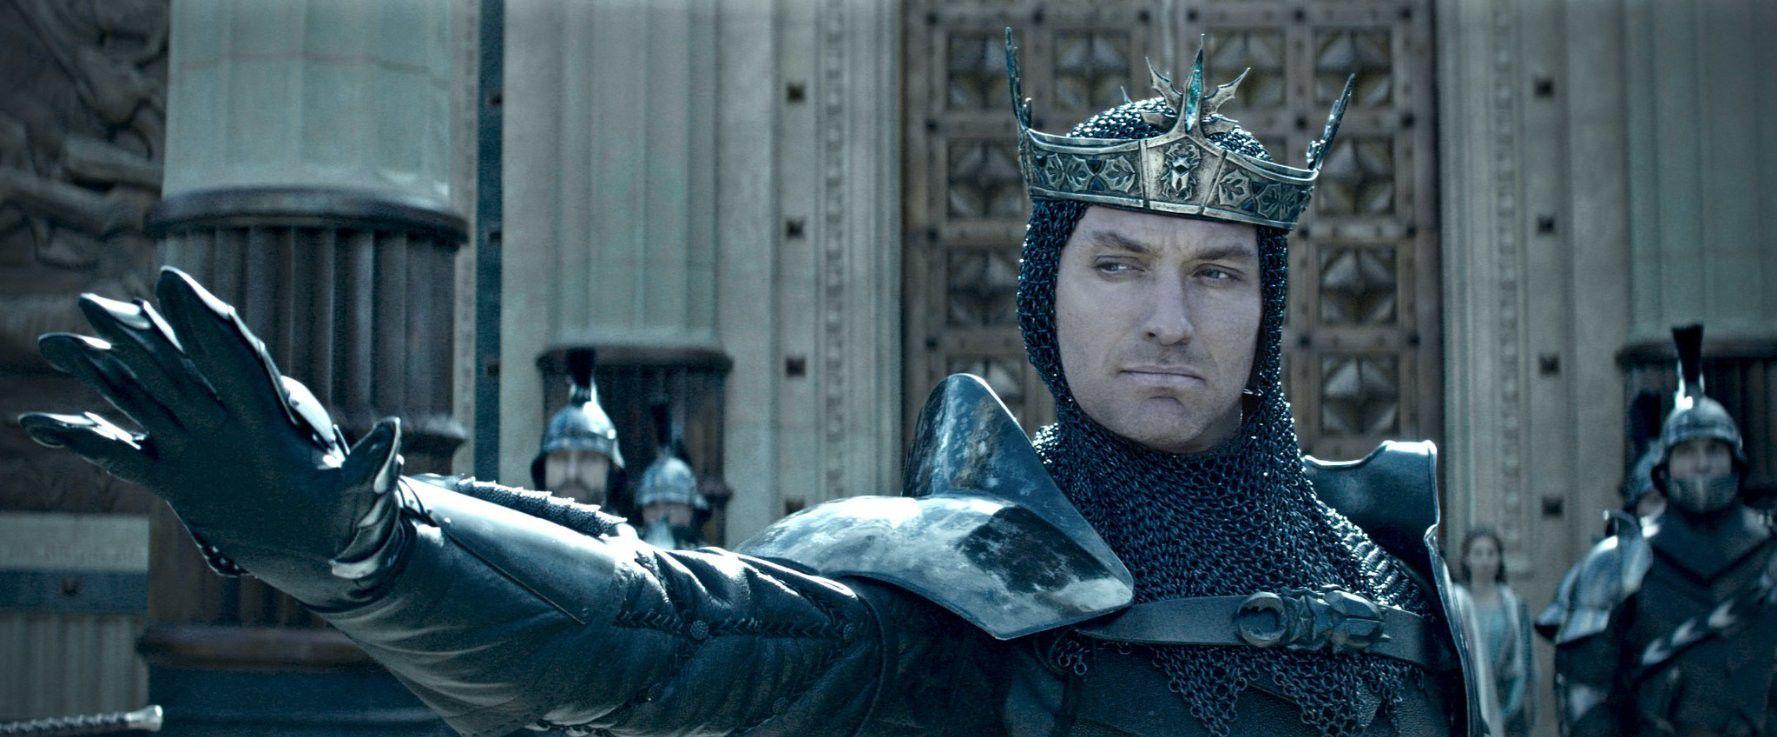 Король Артур 2004 смотреть онлайн или скачать фильм